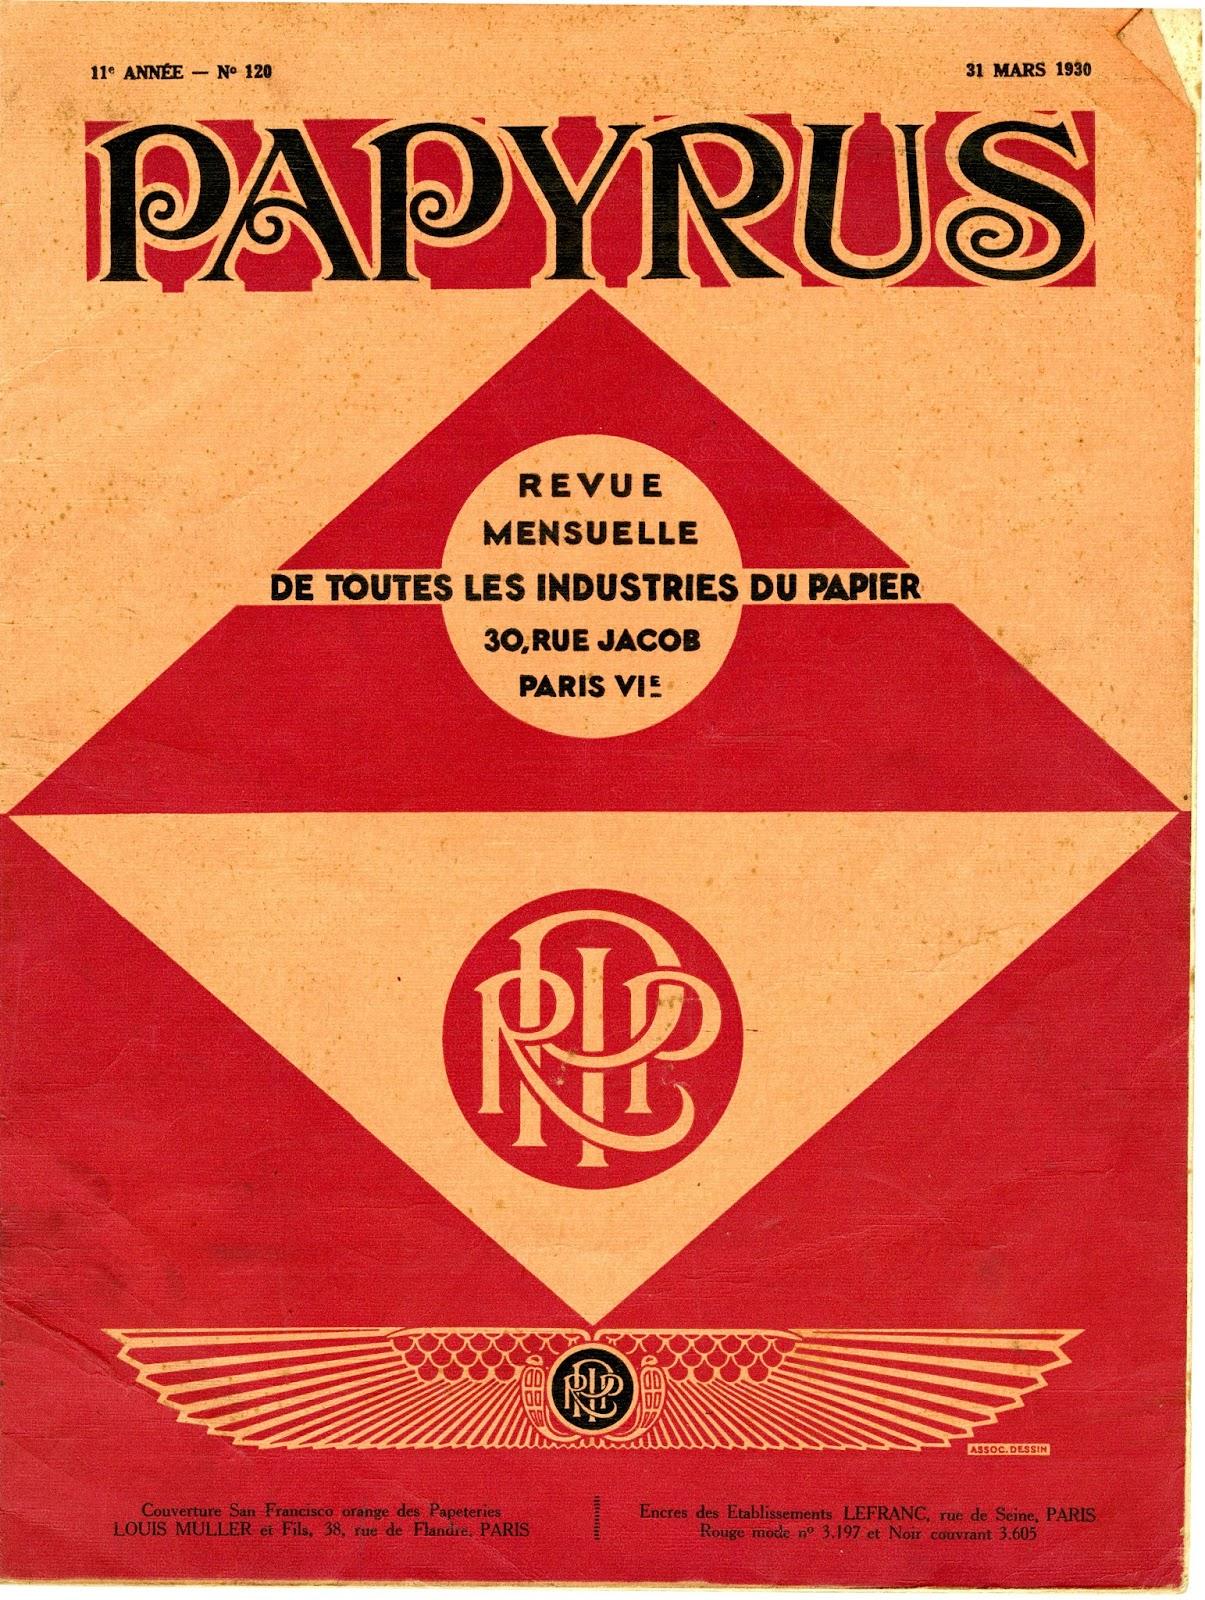 california historical society type tuesday papyrus revue de toutes les industries du papier. Black Bedroom Furniture Sets. Home Design Ideas